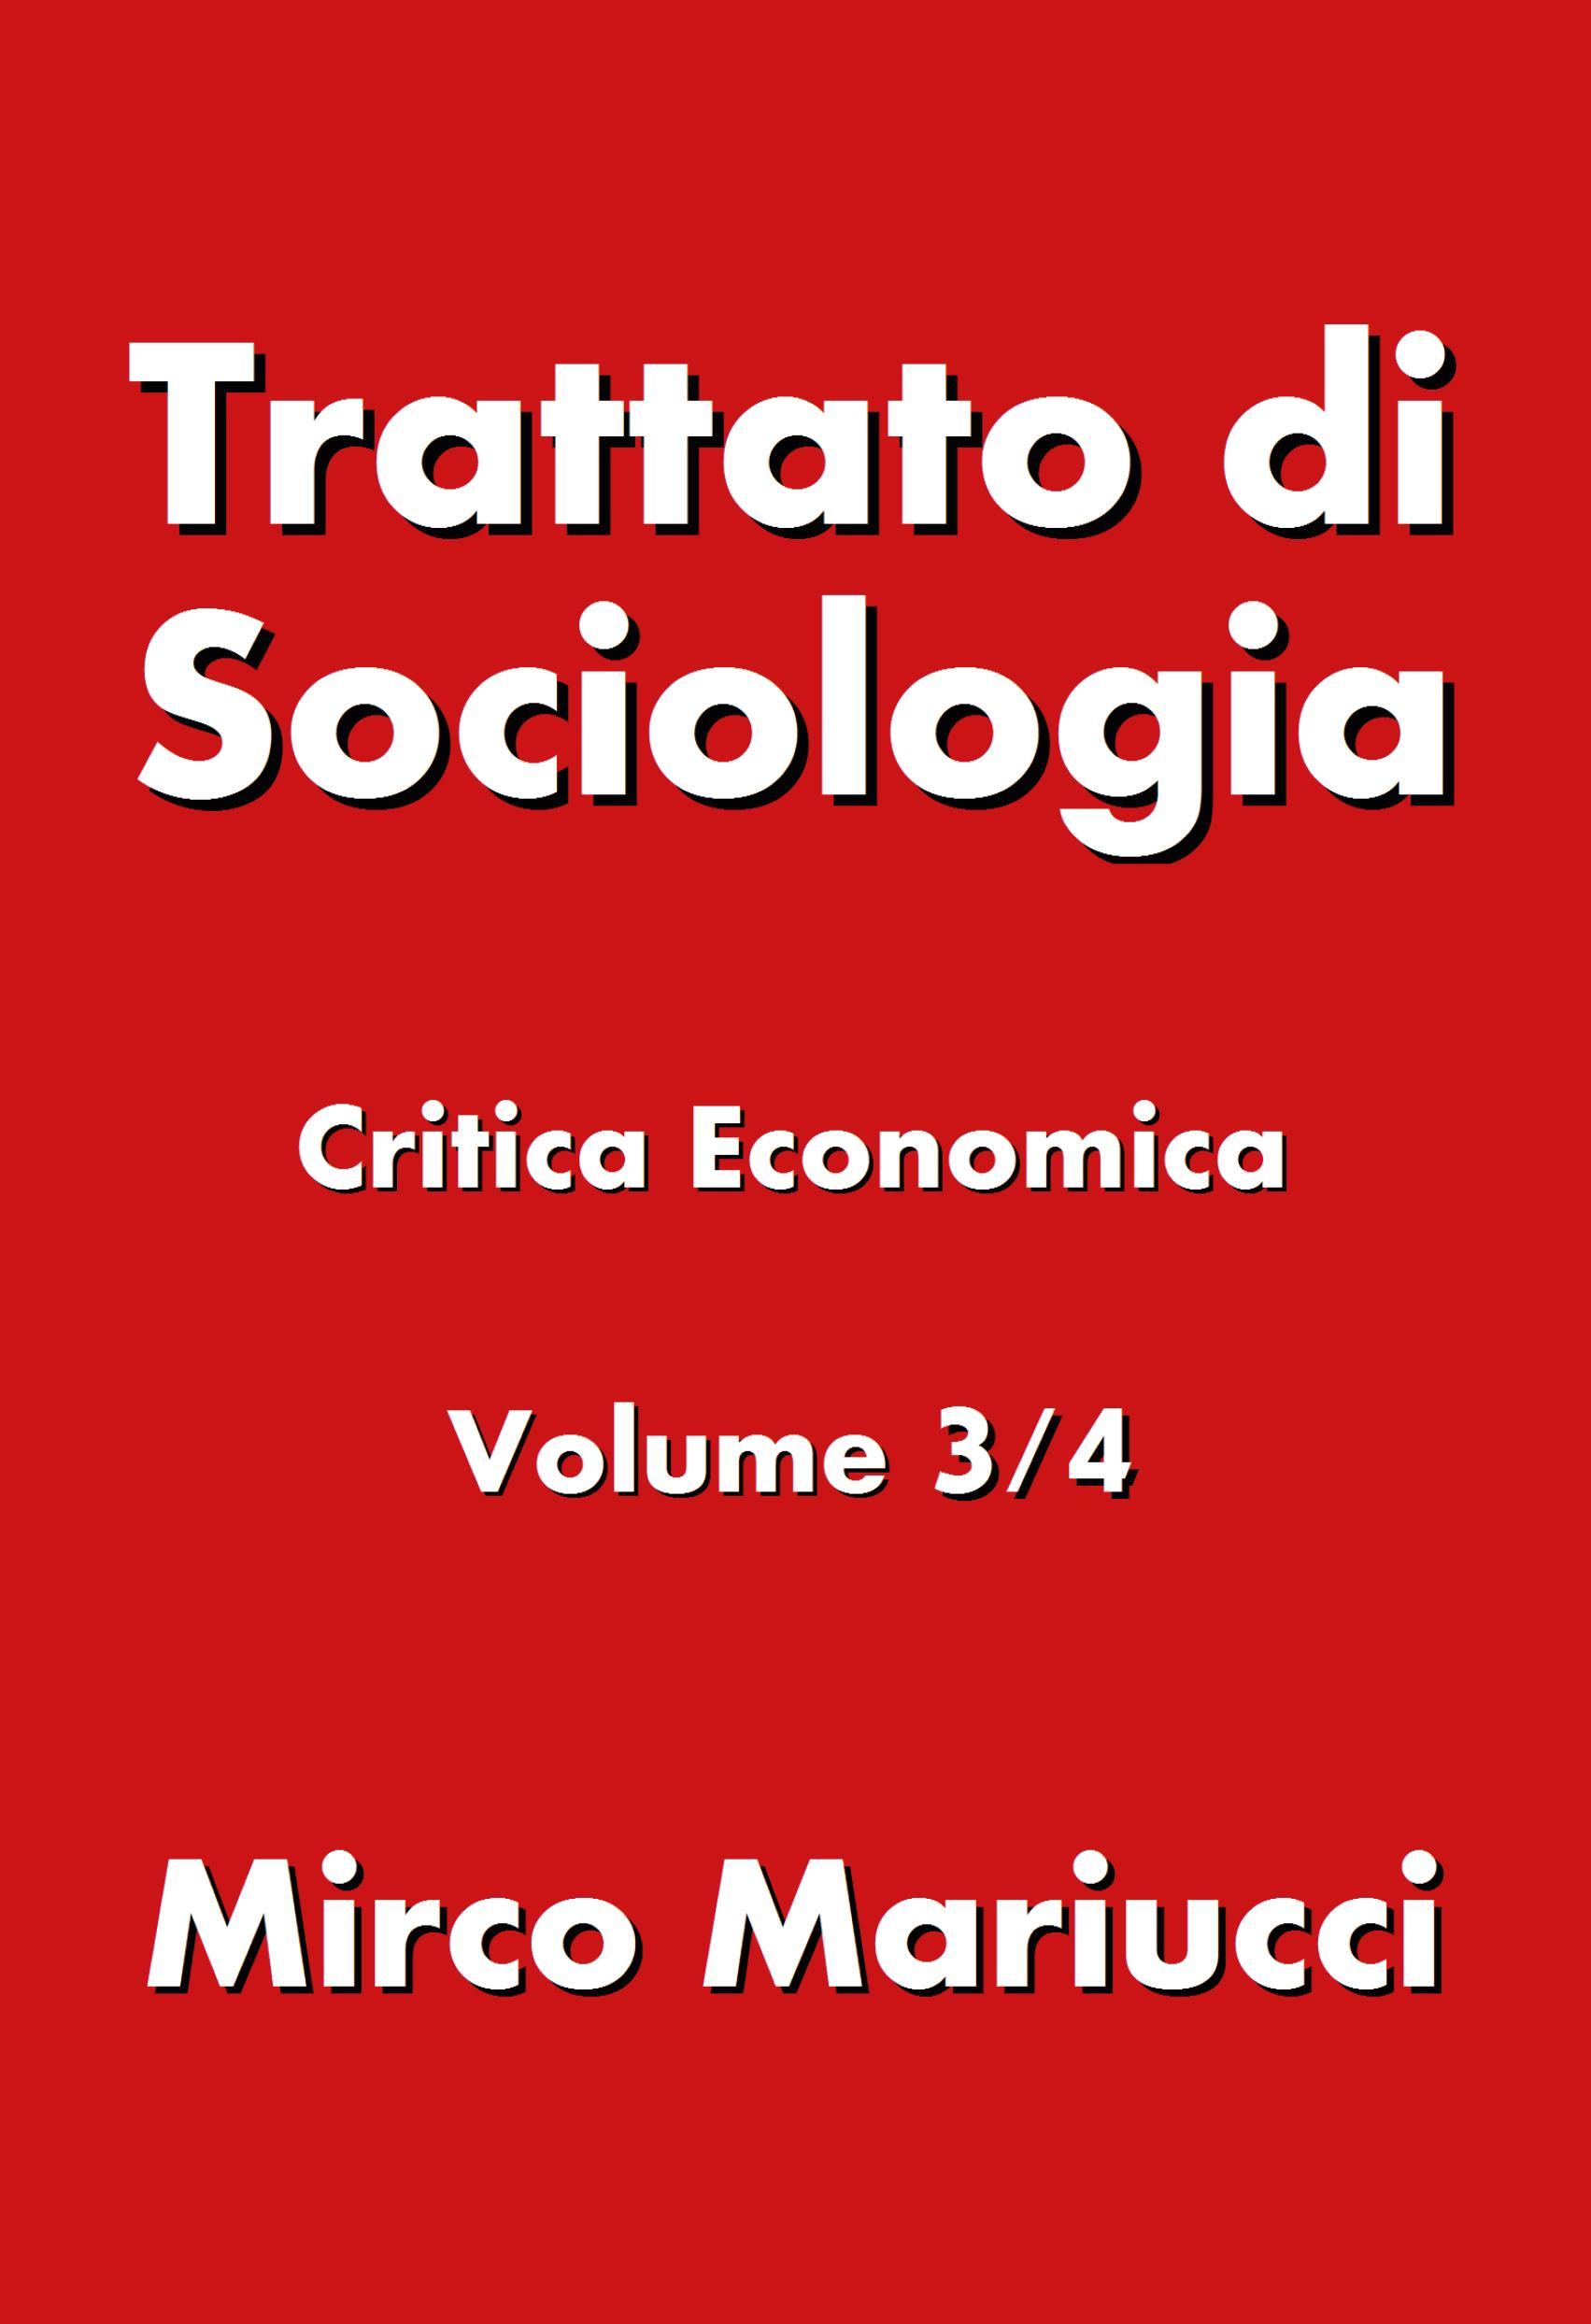 Trattato di Sociologia: Critica Economica. Volume 3/4